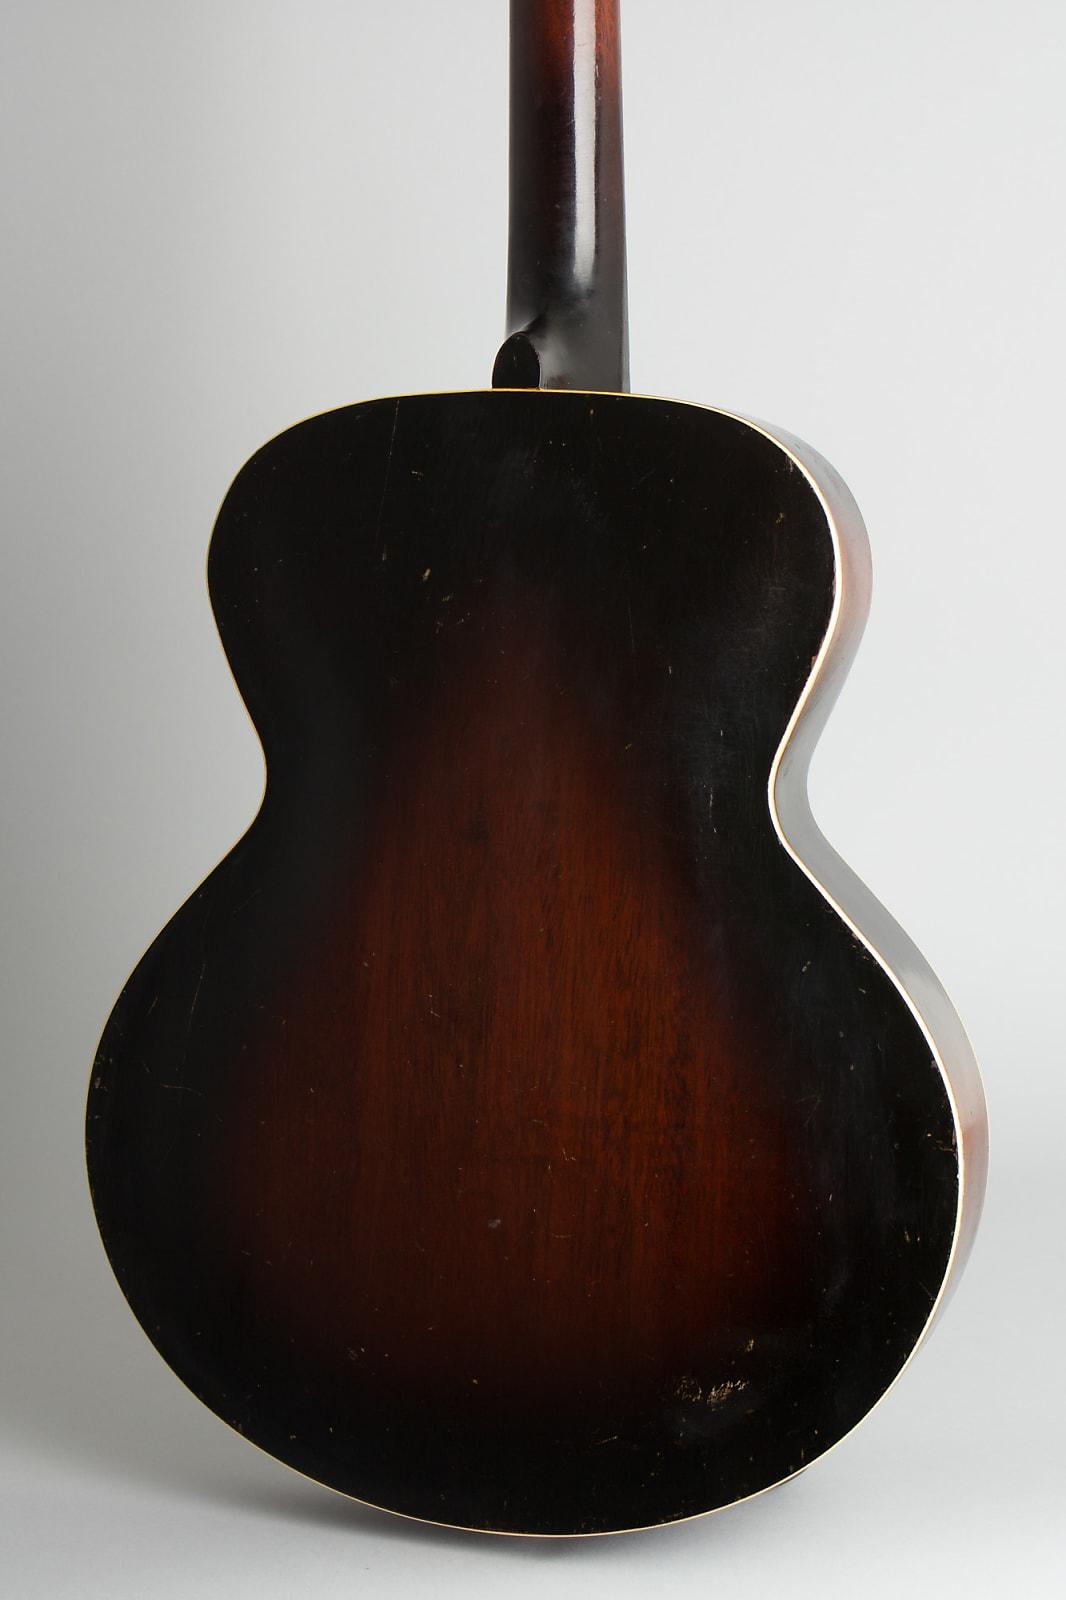 Kalamazoo  KG-31 Arch Top Acoustic Guitar,  c. 1936, NO CASE case.